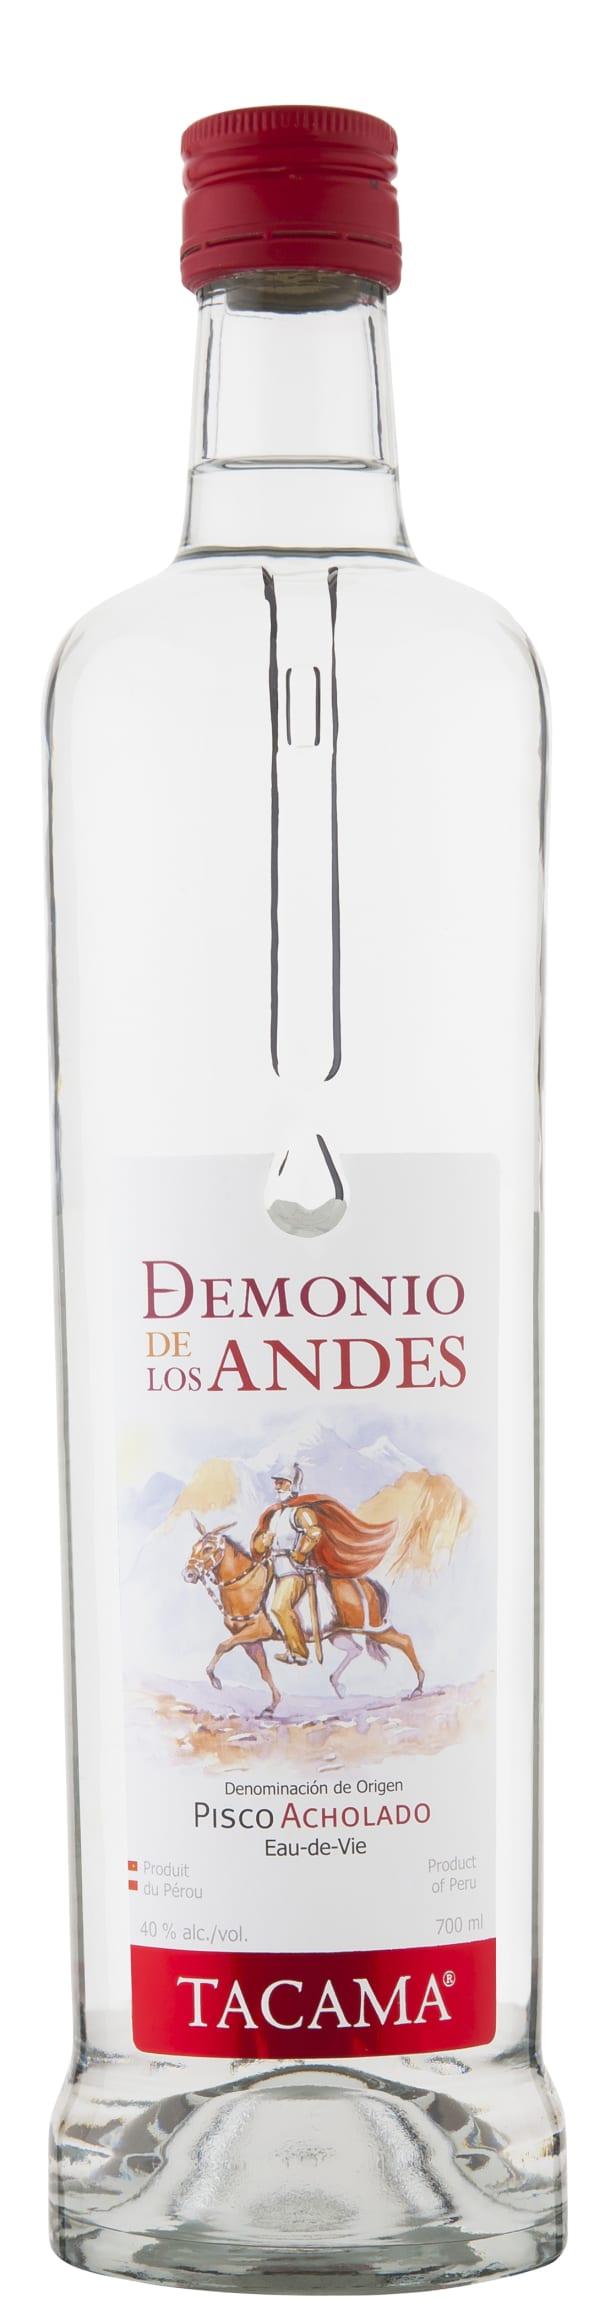 Tacama Demonio De Los Andes Pisco